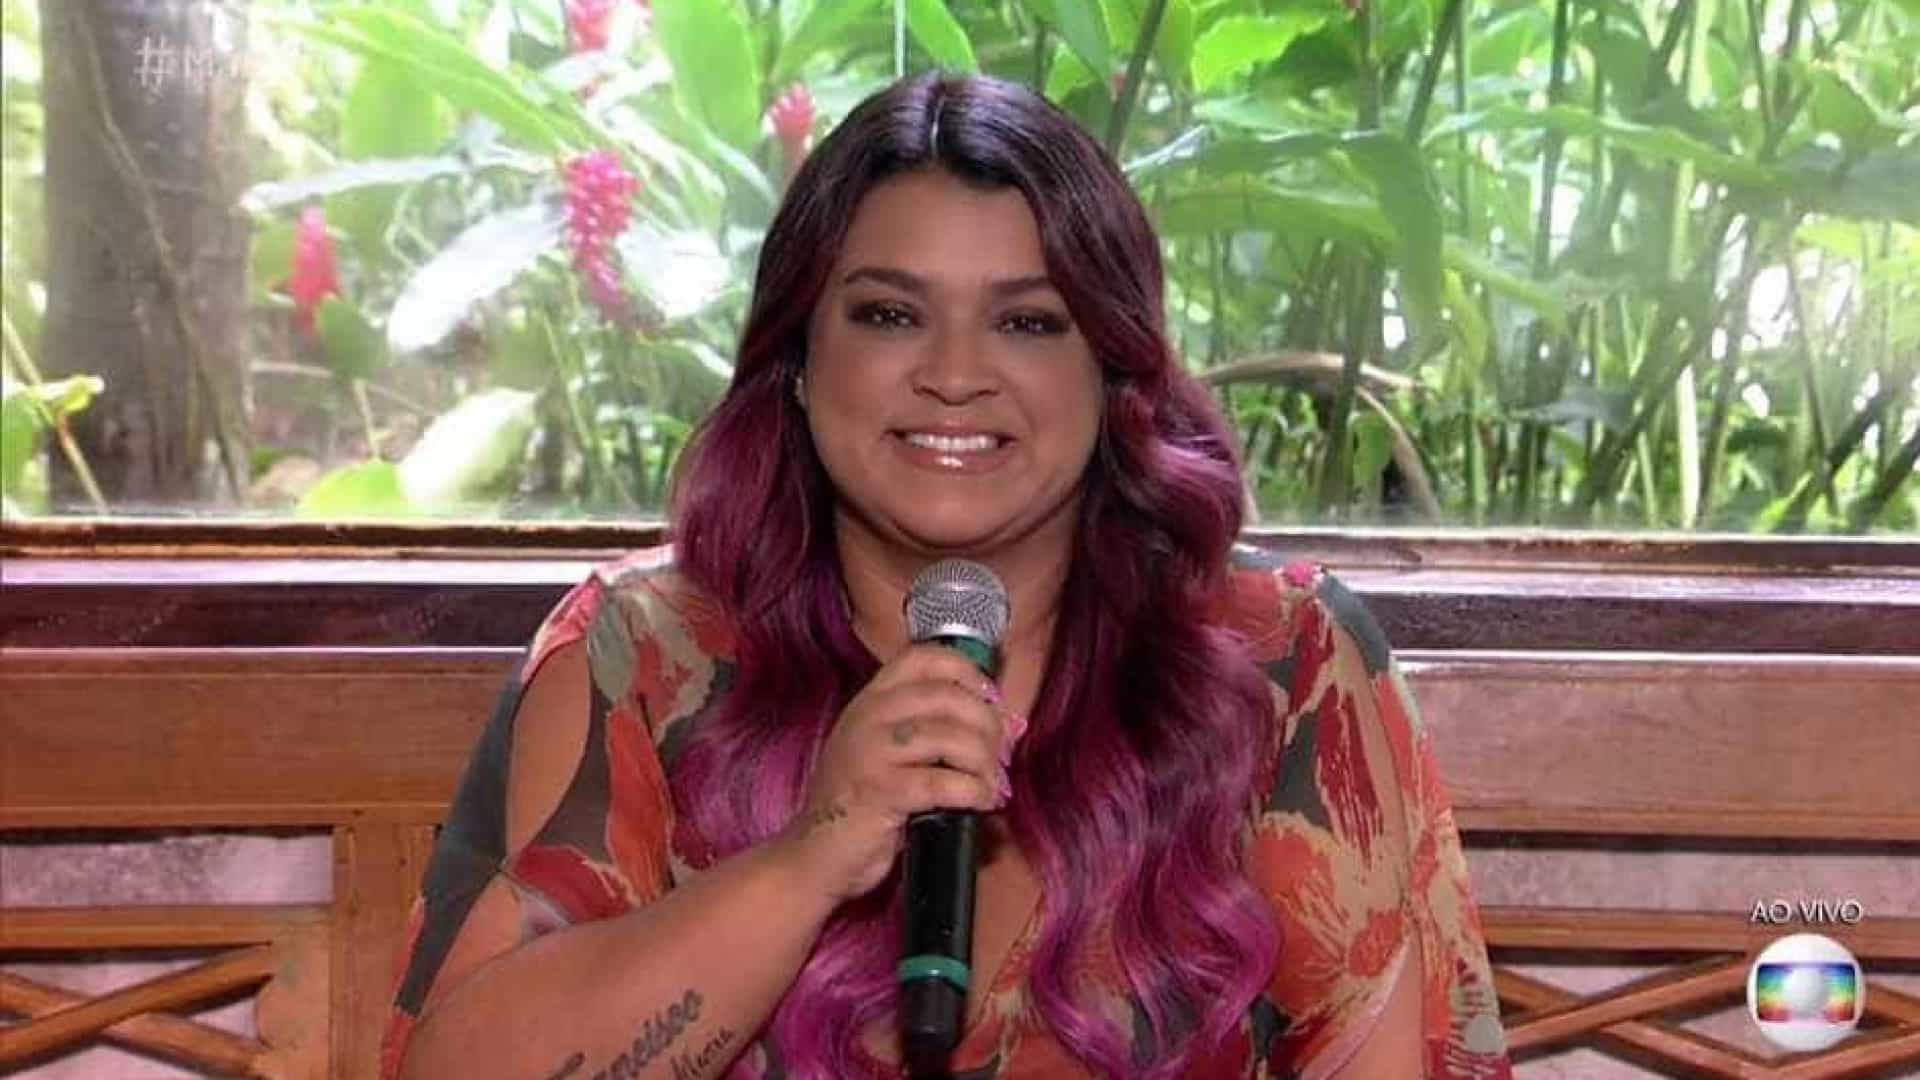 'Sou uma senhora de idade', brinca Preta Gil ao pintar o cabelo de rosa